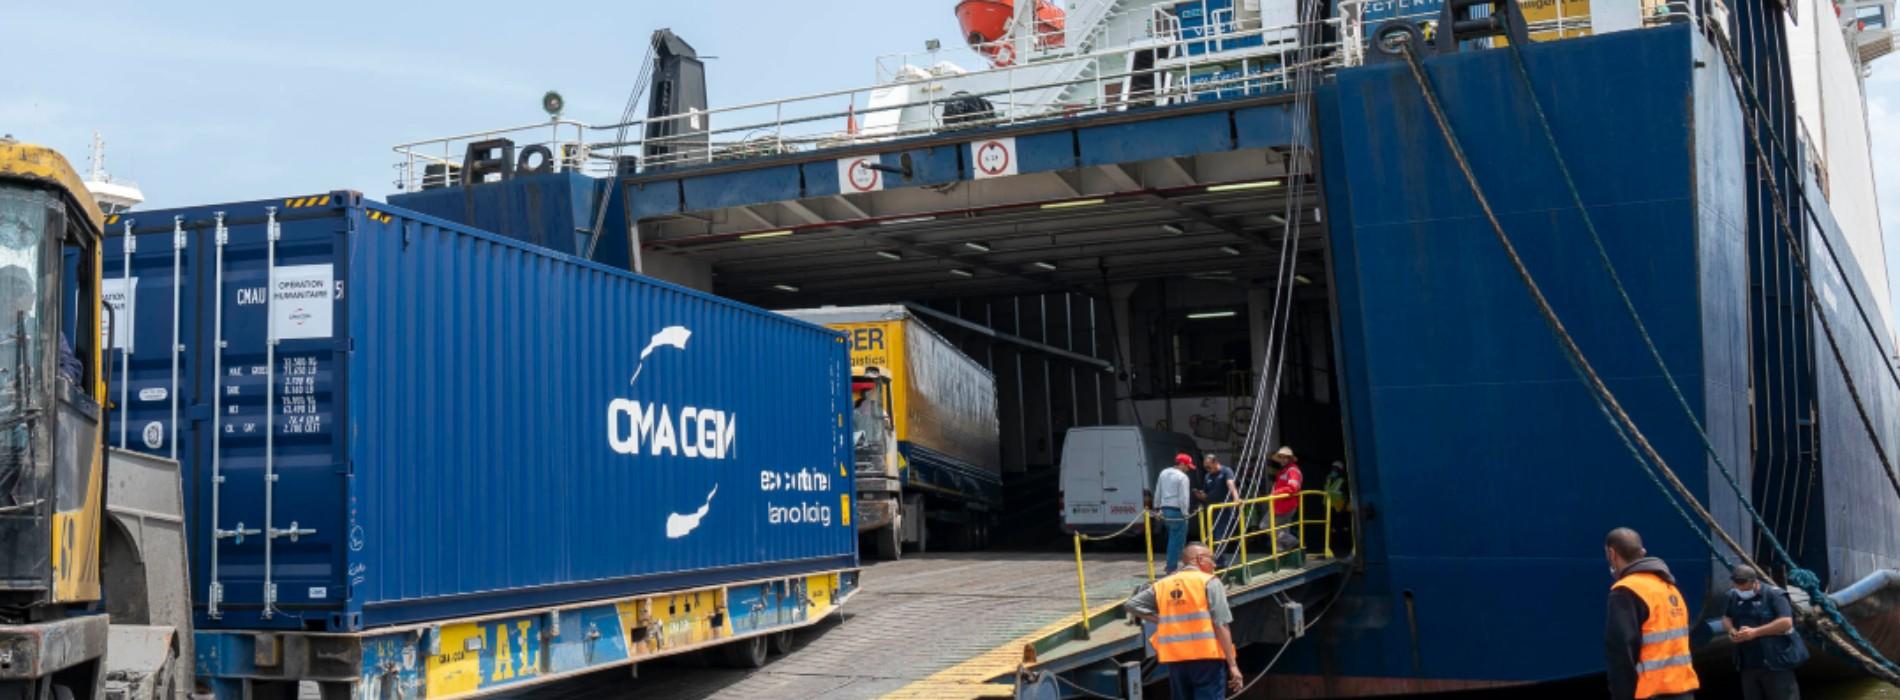 CMA CGM achemine à titre gracieux 55 tonnes de matériel médical pour faire face à la pandémie de COVID-19 en Tunisie